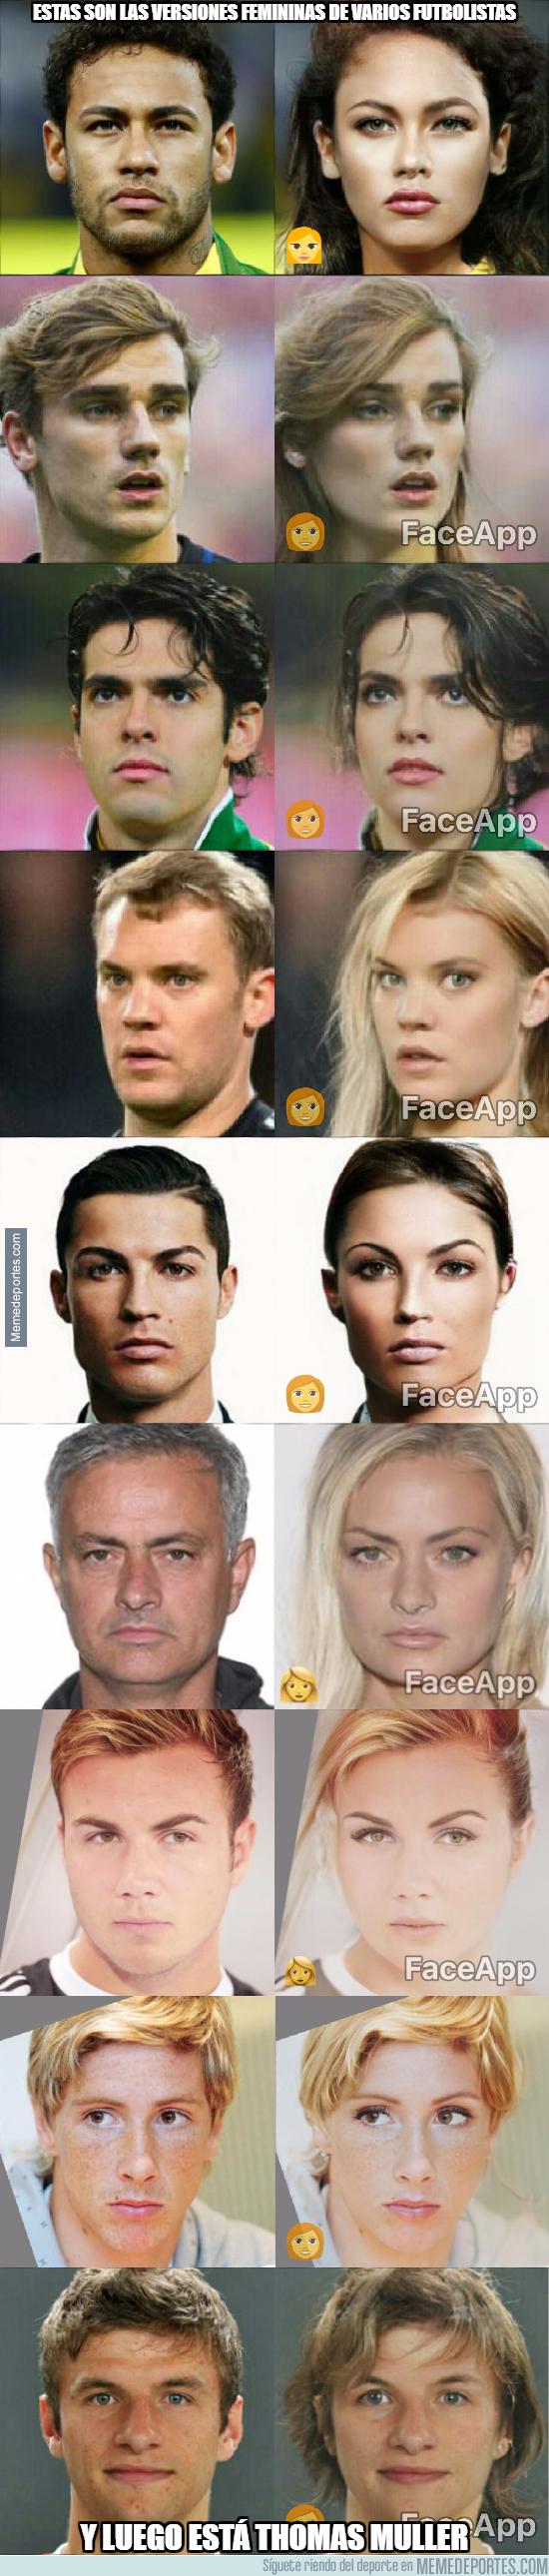 1002845 - Las versiones femeninas de varios futbolistas ¿Con cuál te quedas tú?